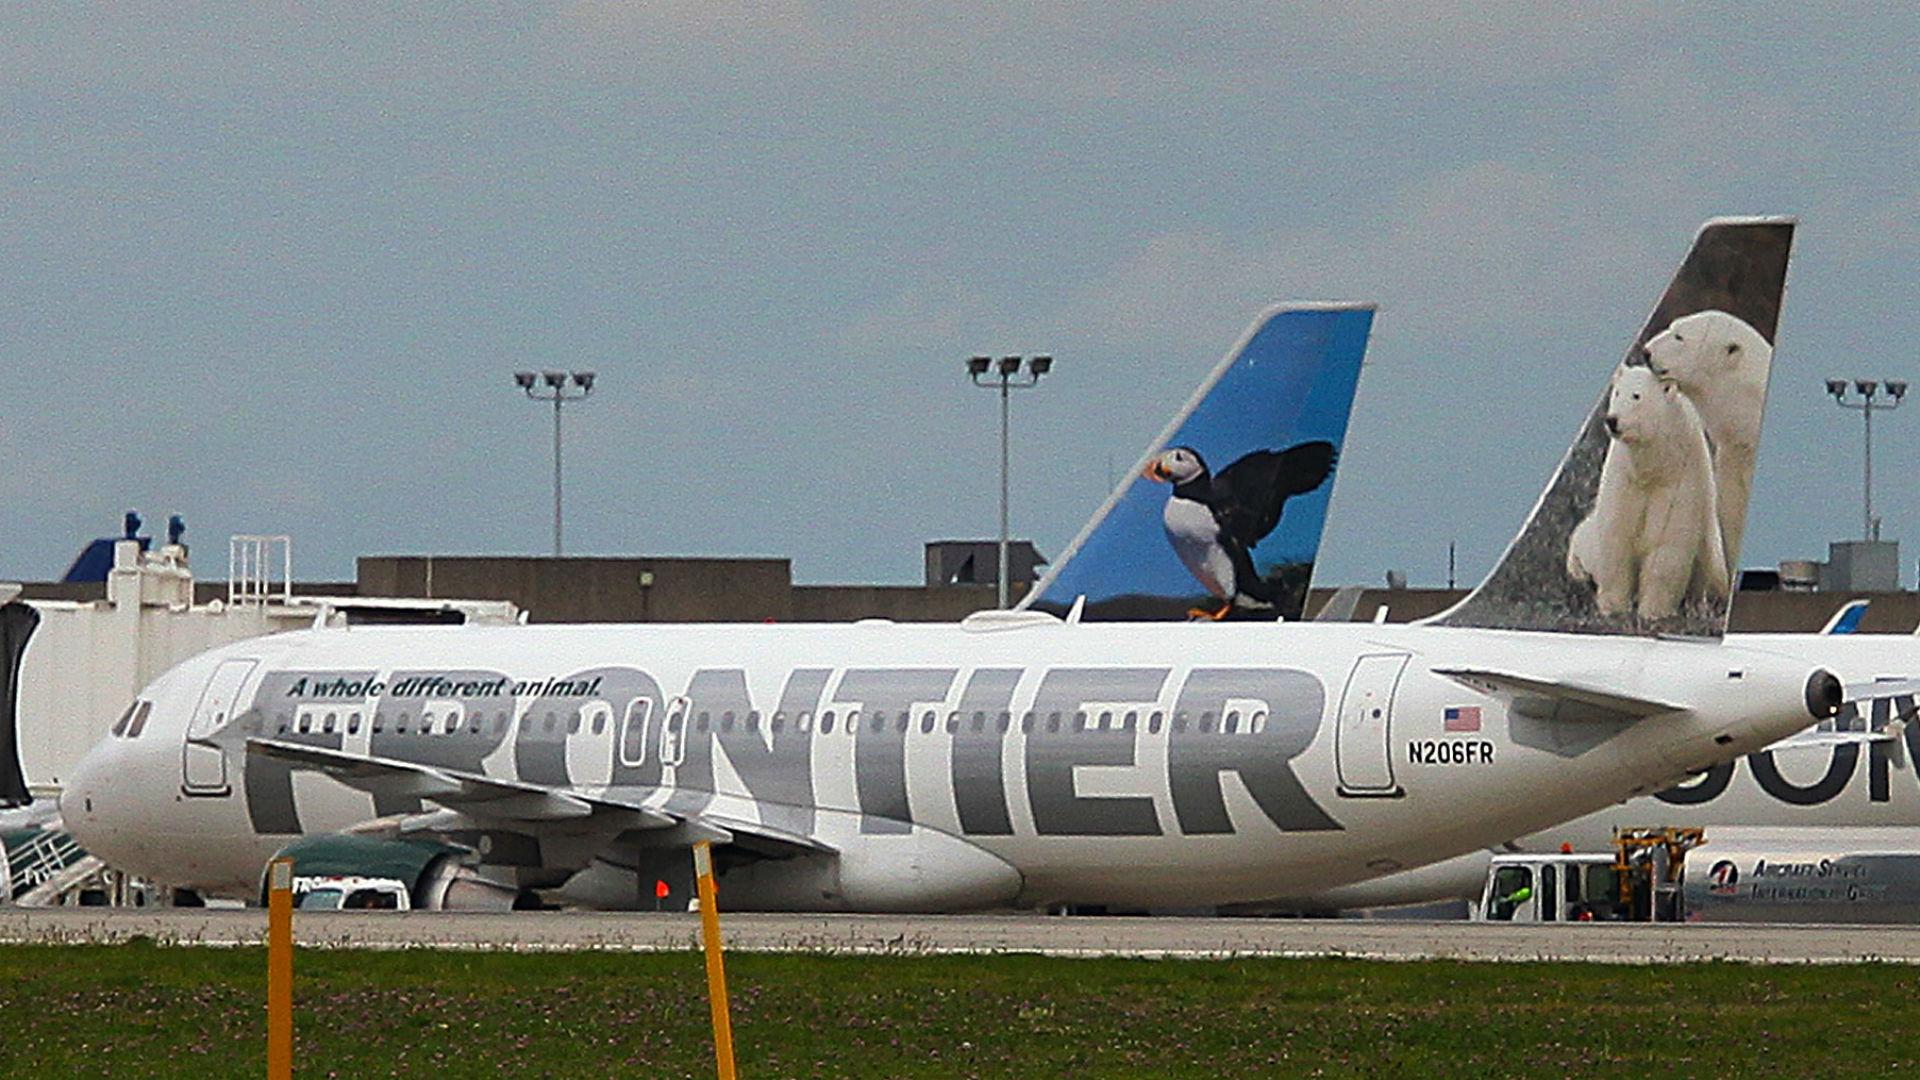 frontier-plane-ftr-getty-030516